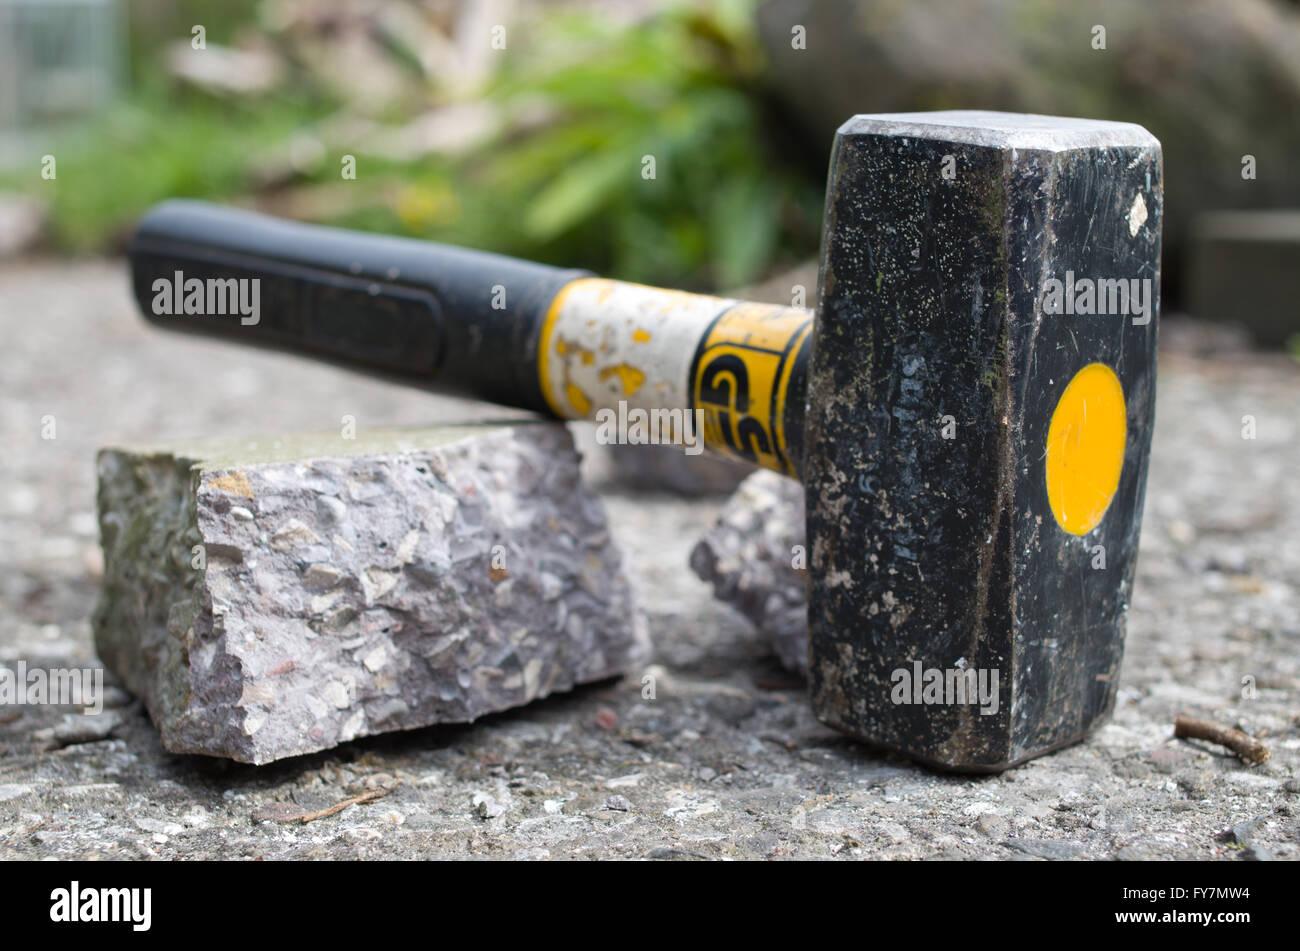 La scomposizione di calcestruzzo con martello forfettaria. Immagini Stock